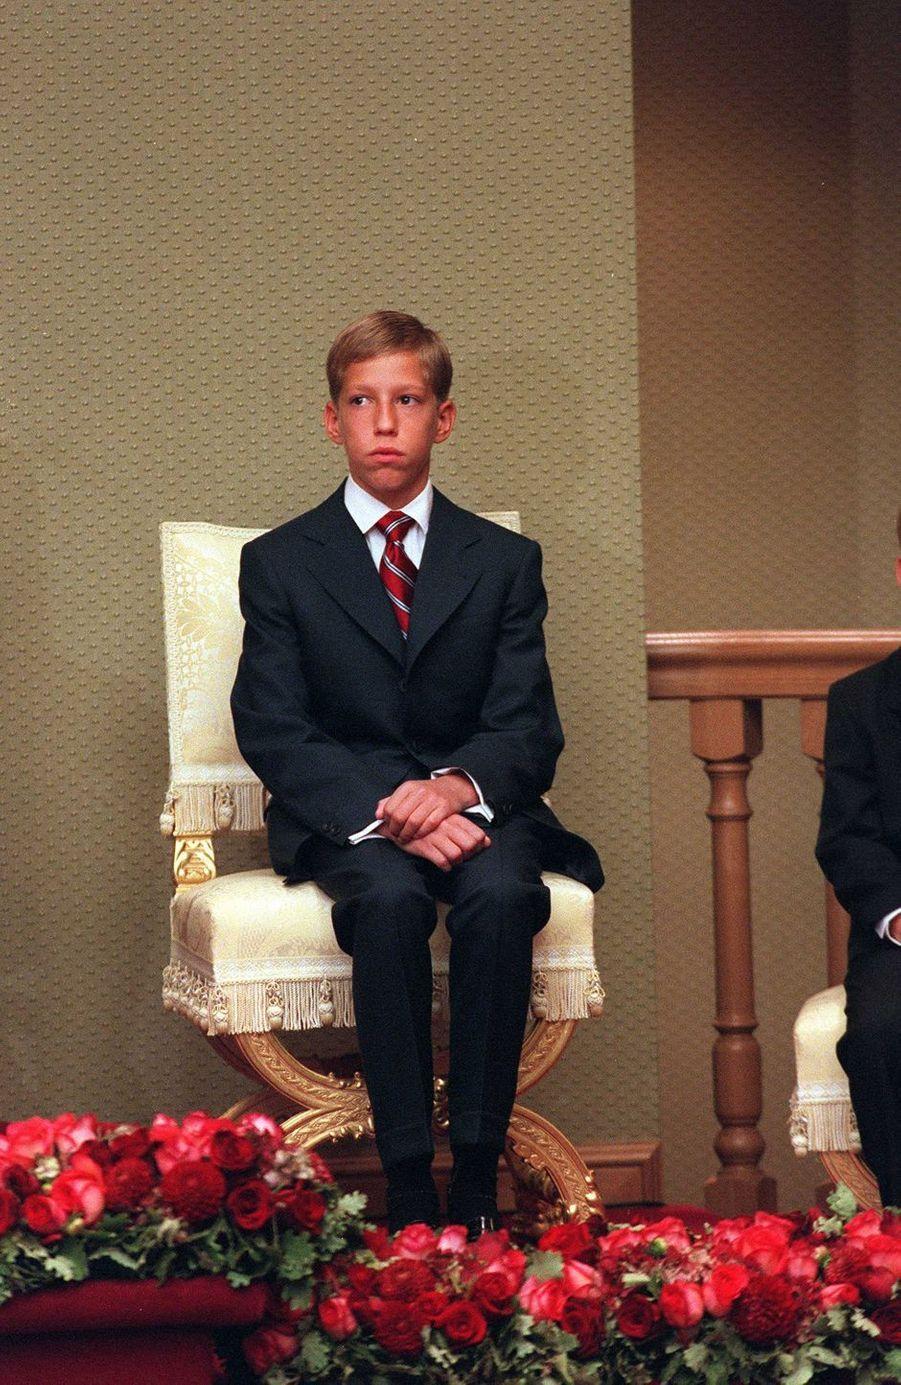 Le prince Louis de Luxembourg, le 7 octobre 2000